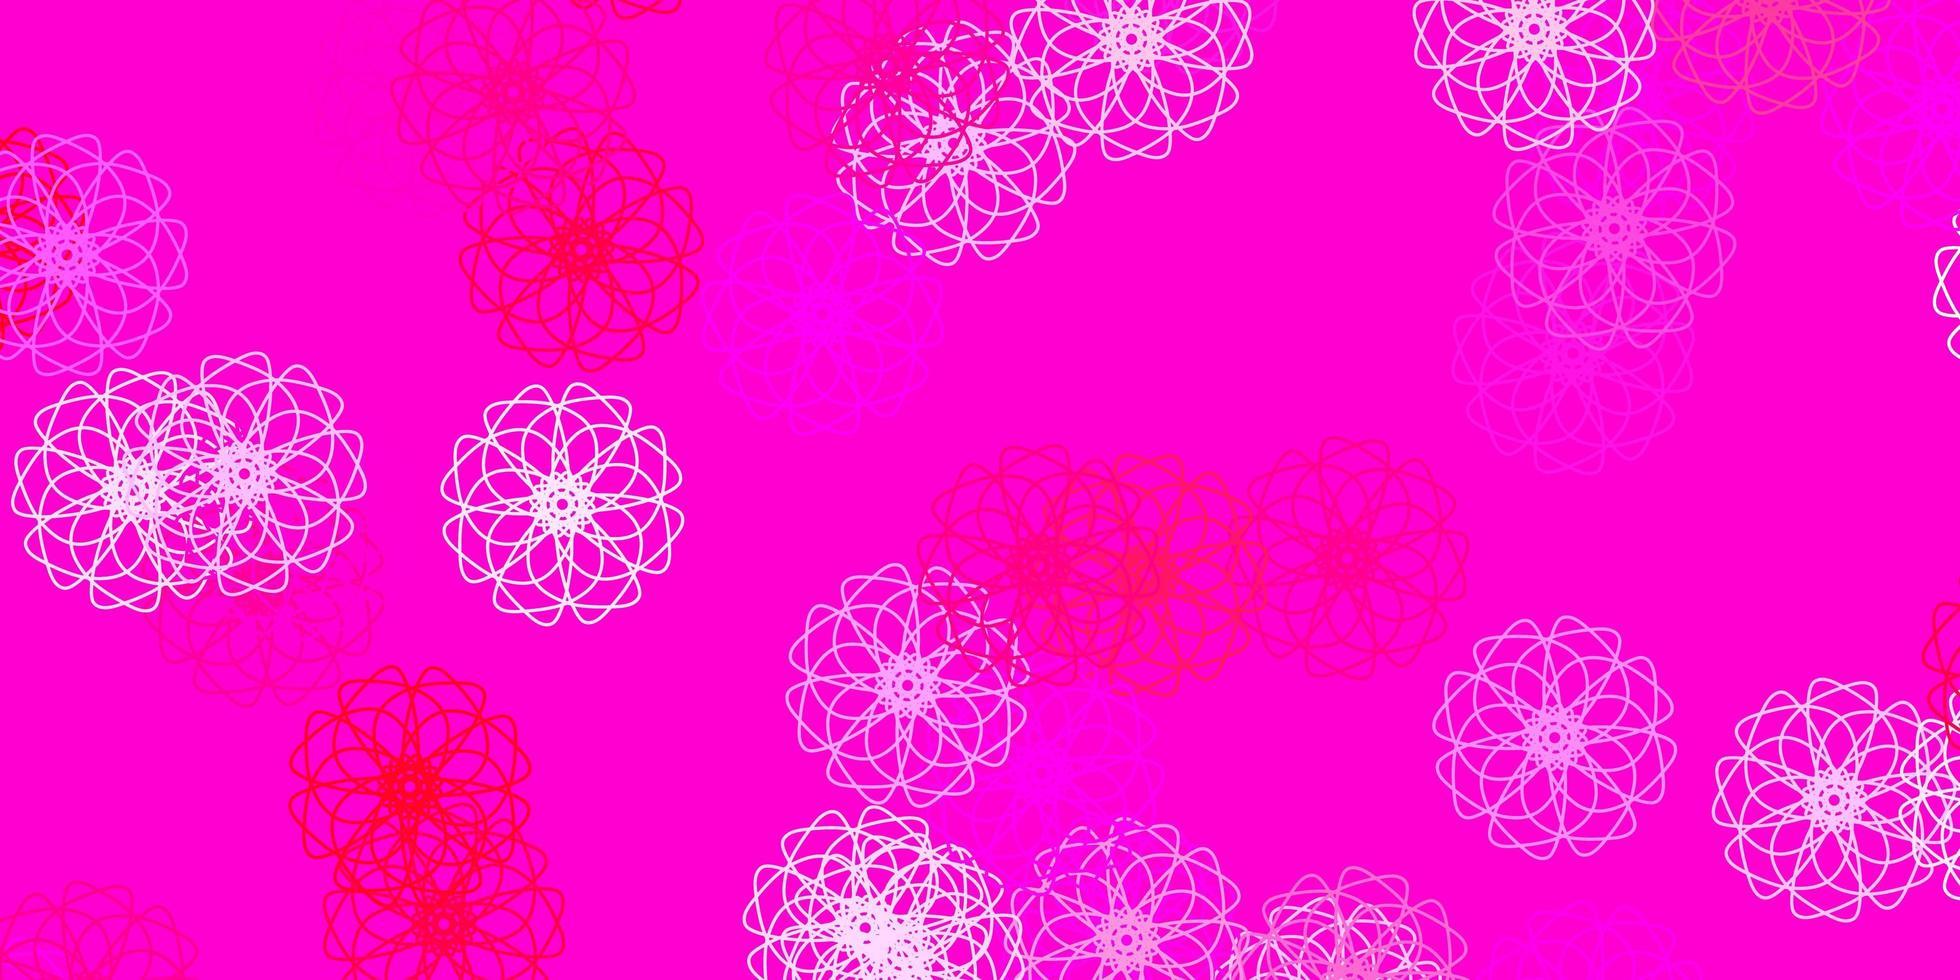 toile de fond naturel vecteur rose clair avec des fleurs.